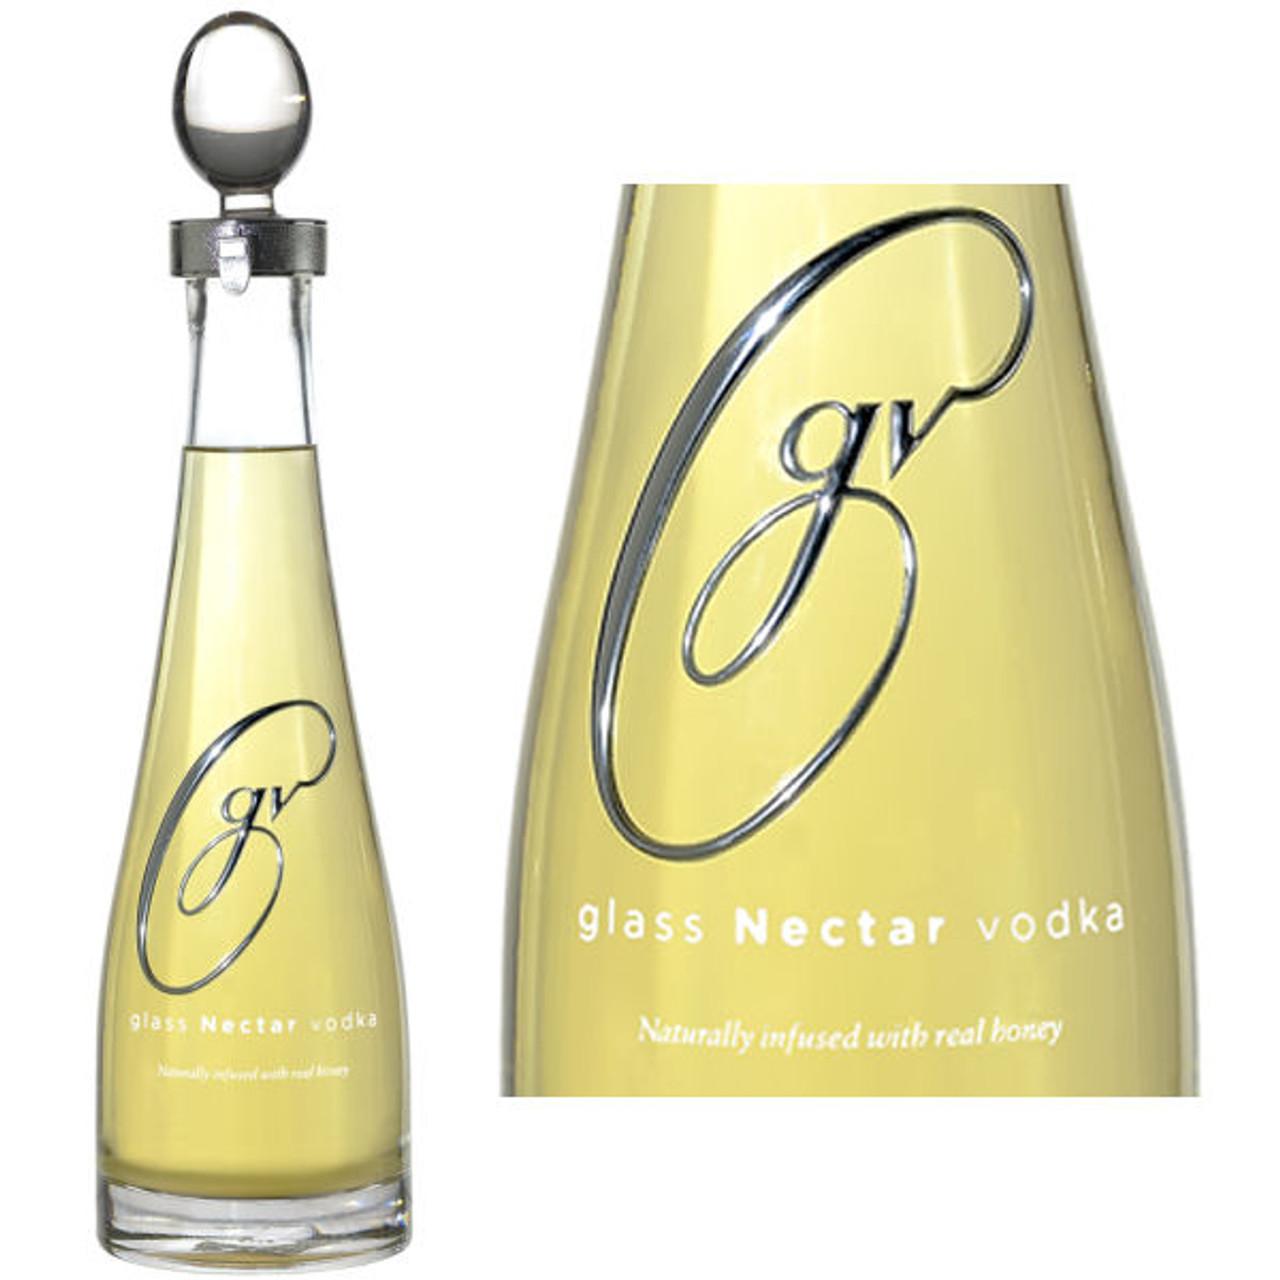 Glass Nectar Vodka 750ml